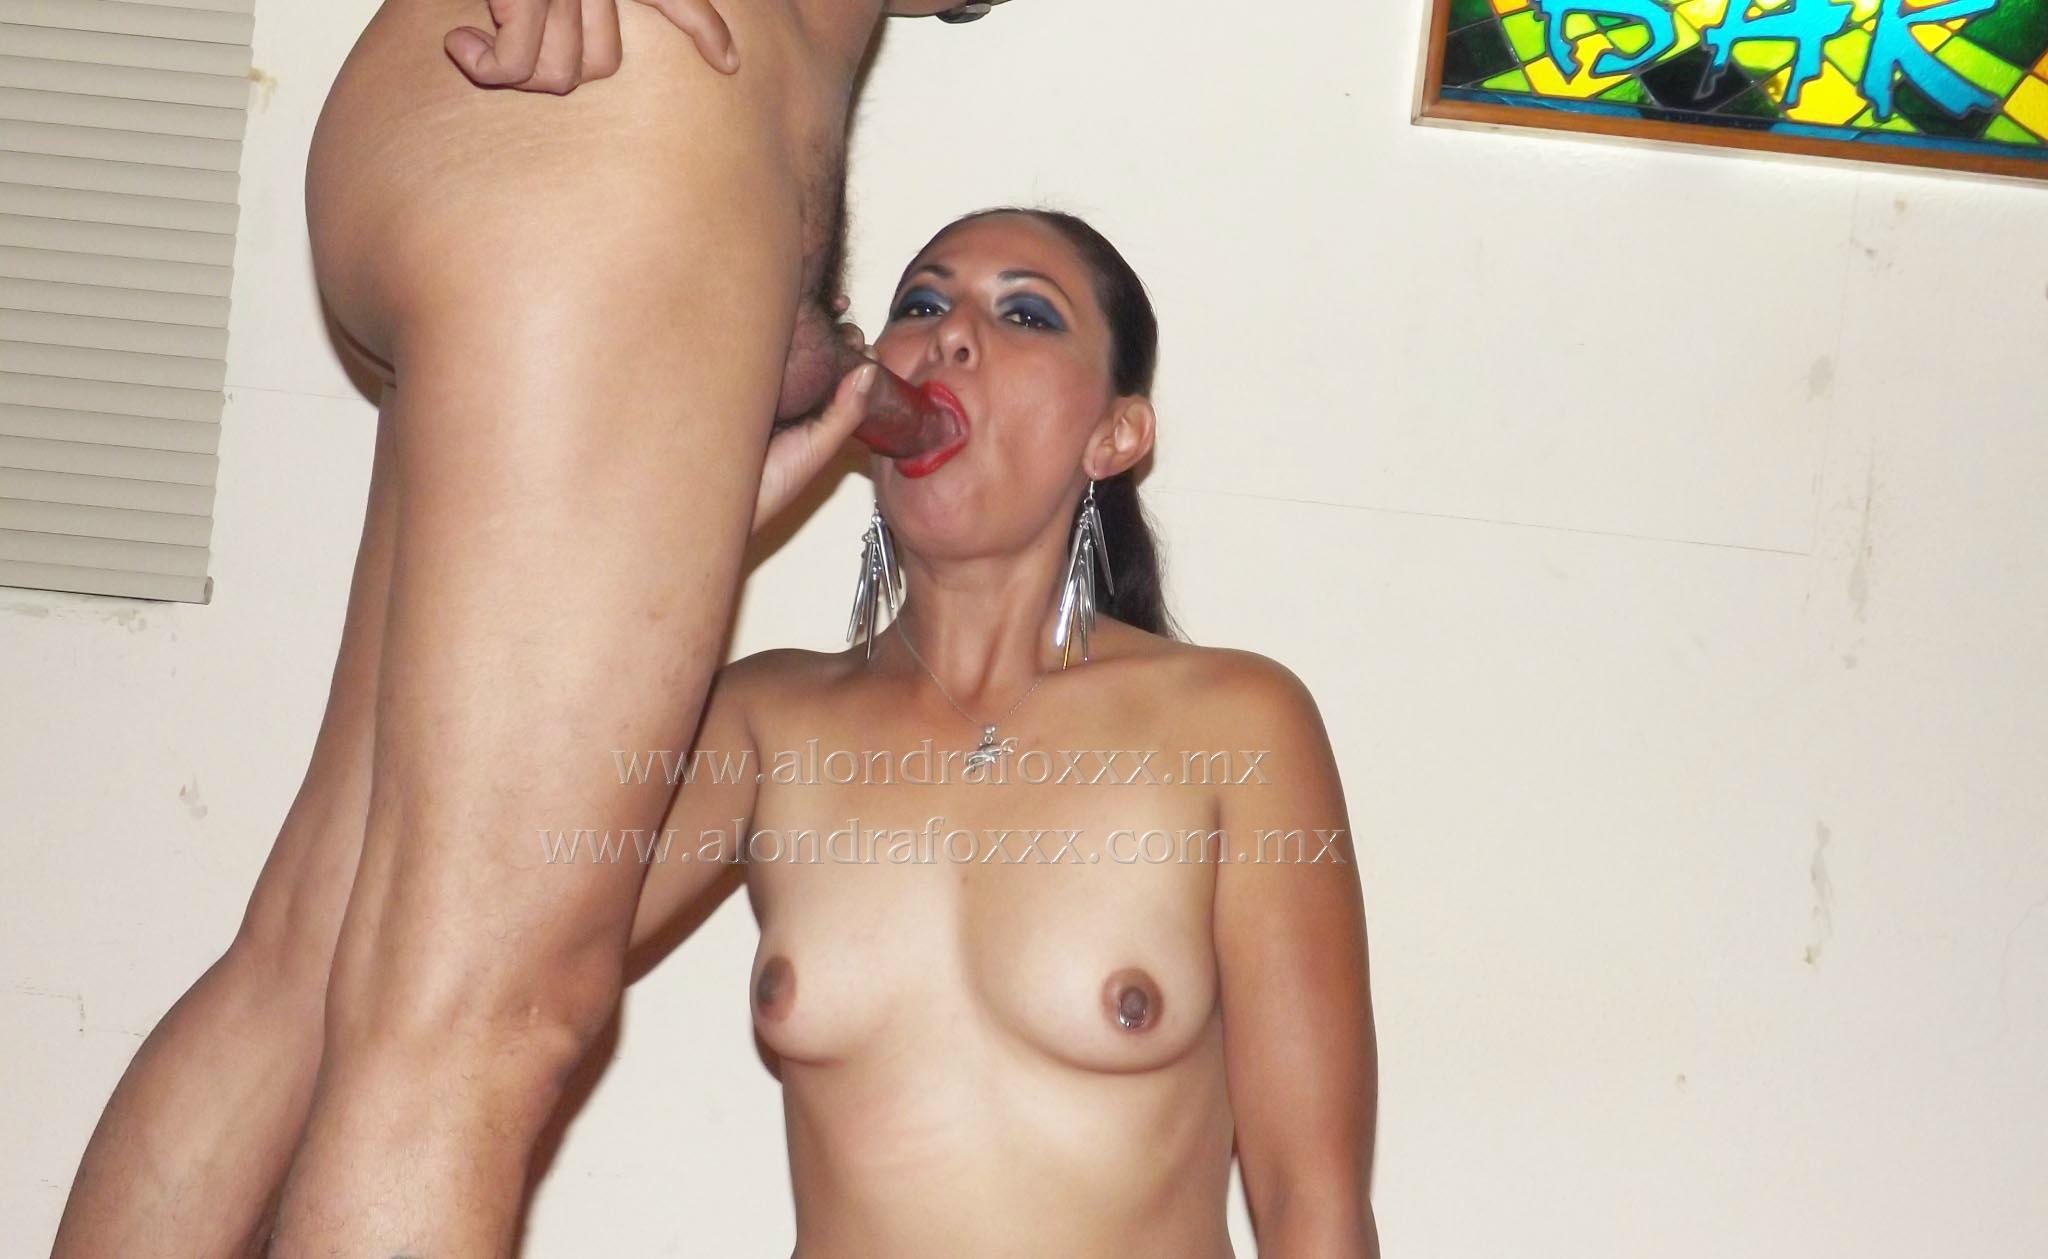 Mykiwis Porno Show alondra foxxx en redes sociales | tania/alondra foxxx